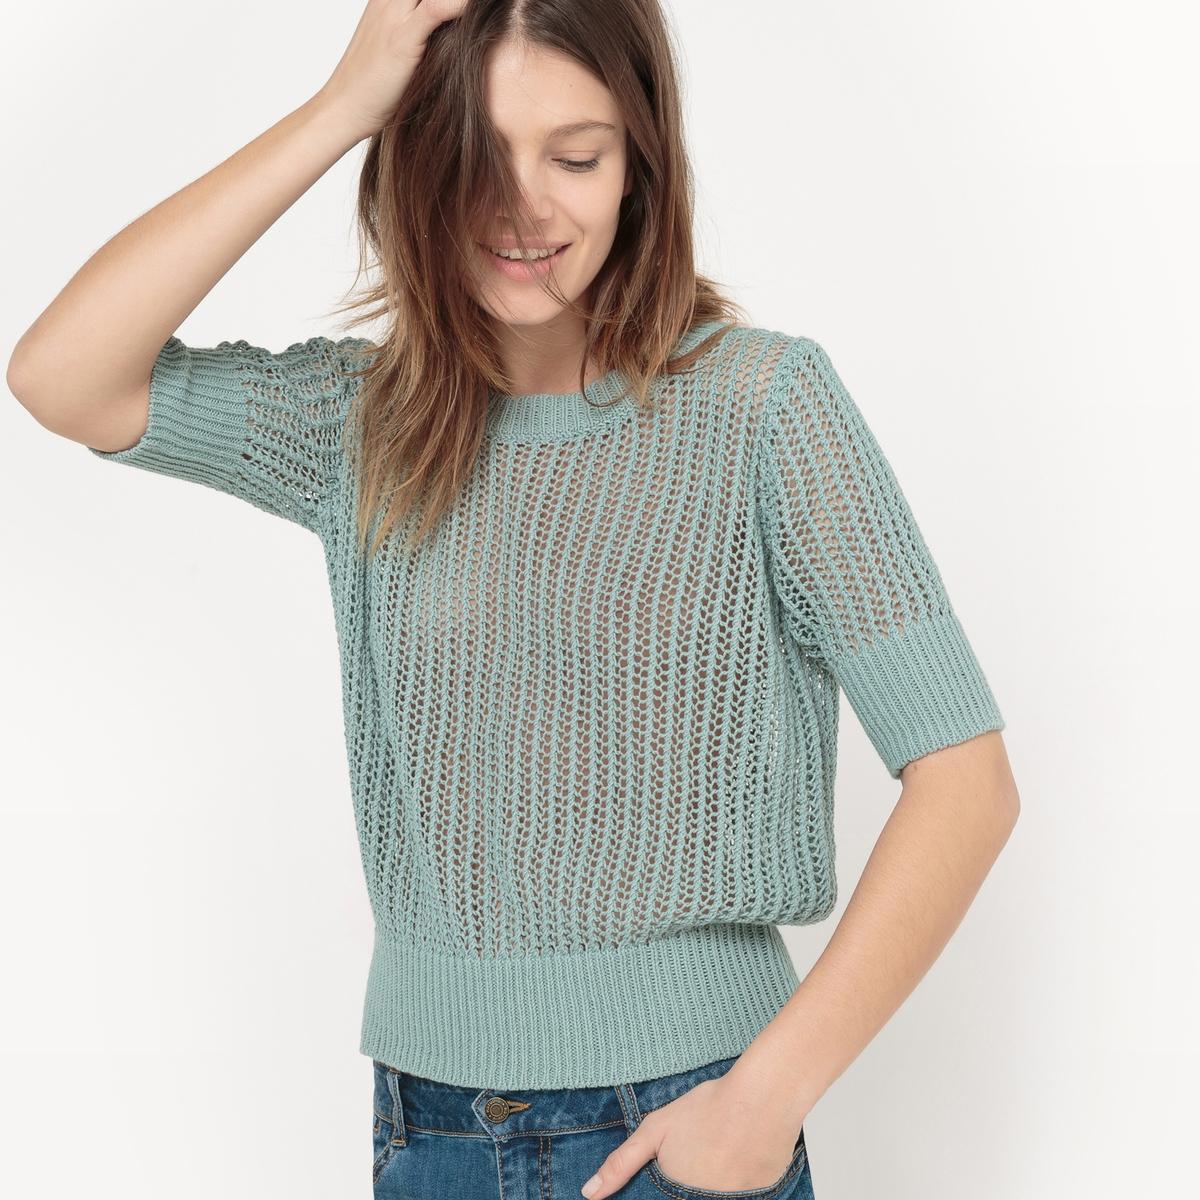 Пуловер из ажурного трикотажа с круглым вырезомМатериал :69% хлопок, 18% шелк, 13% лен   Длина рукава : рукава 3/4      Форма воротника : круглый вырез      Покрой пуловера : стандартный      Рисунок : однотонная модель        Стирка : машинная стирка при 30 °С на деликатном режиме      Уход : сухая чистка и отбеливание запрещены      Машинная сушка : машинная сушка запрещена      Глажка : при низкой температуре<br><br>Цвет: серо-синий<br>Размер: S.L